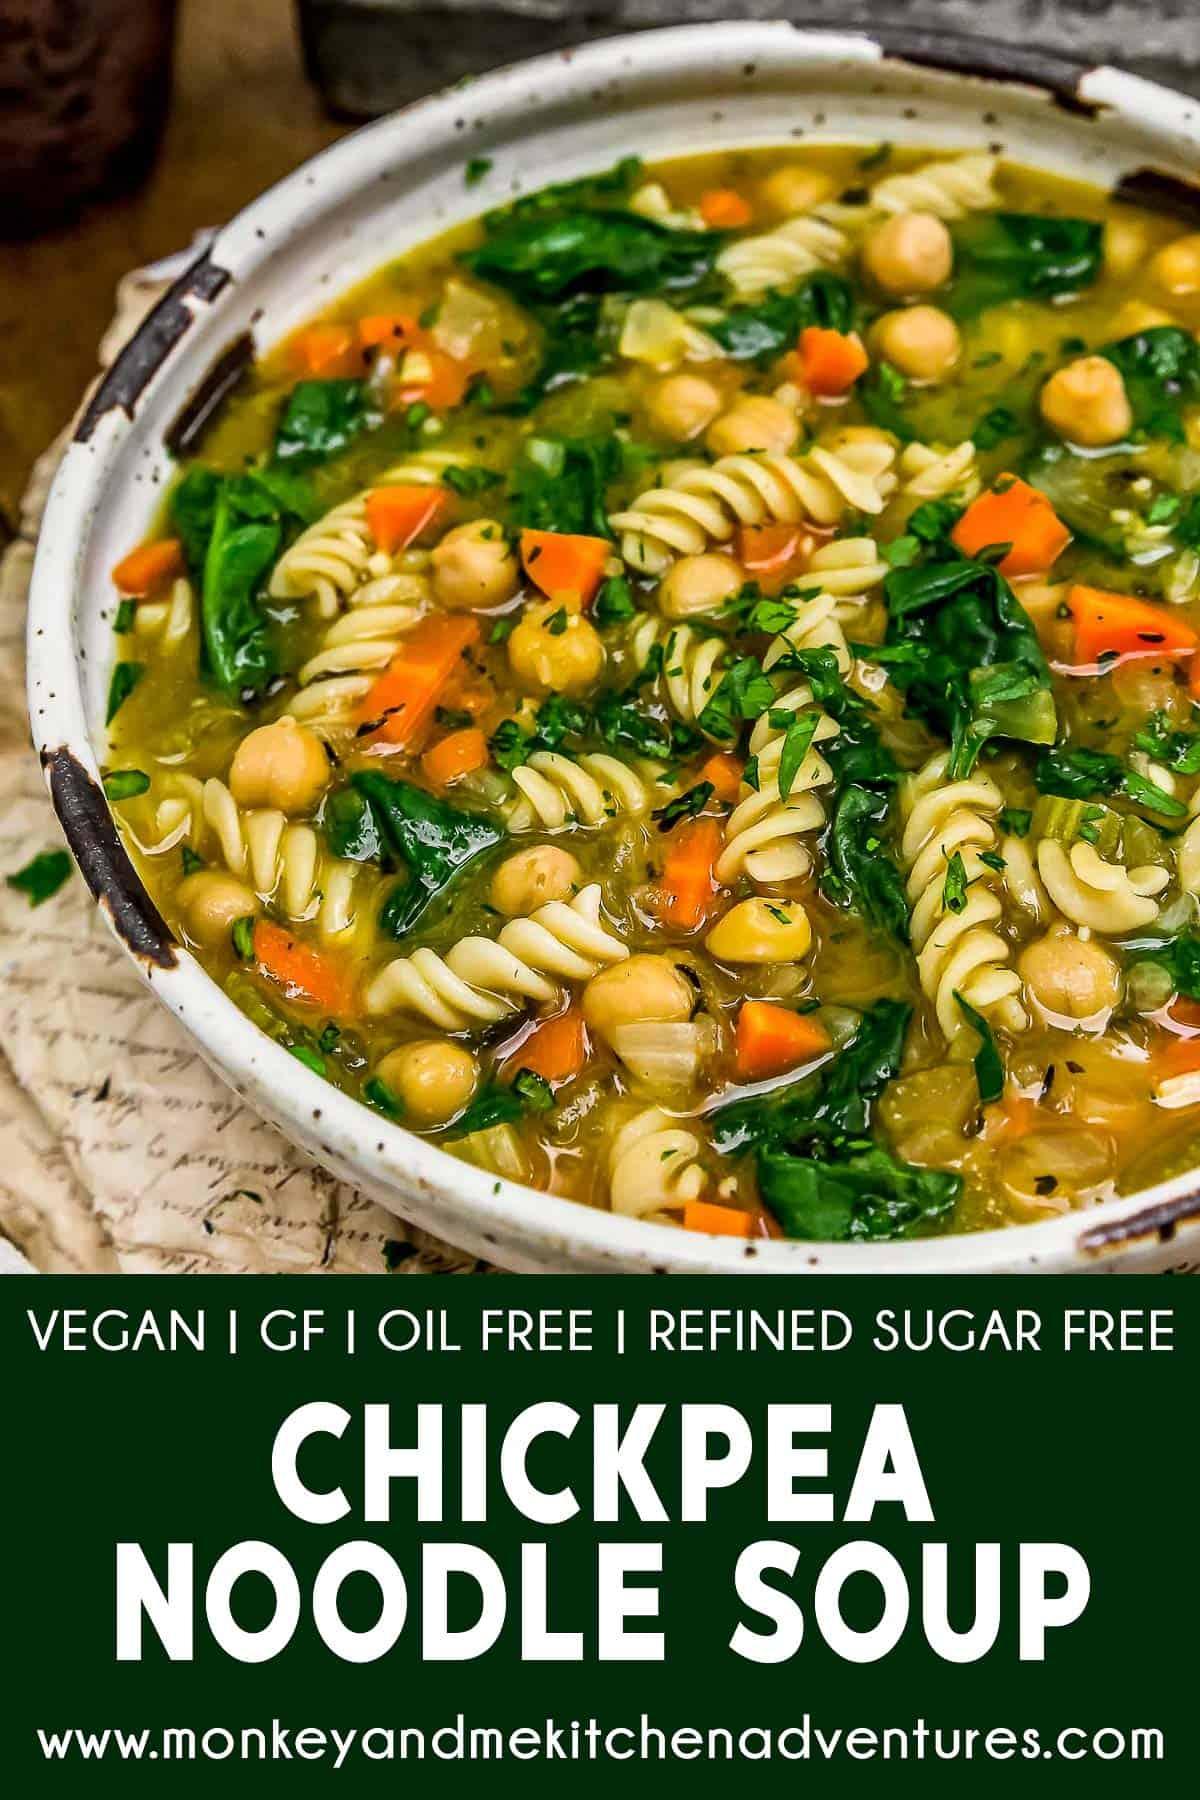 Chickpea Noodle Soup with text description